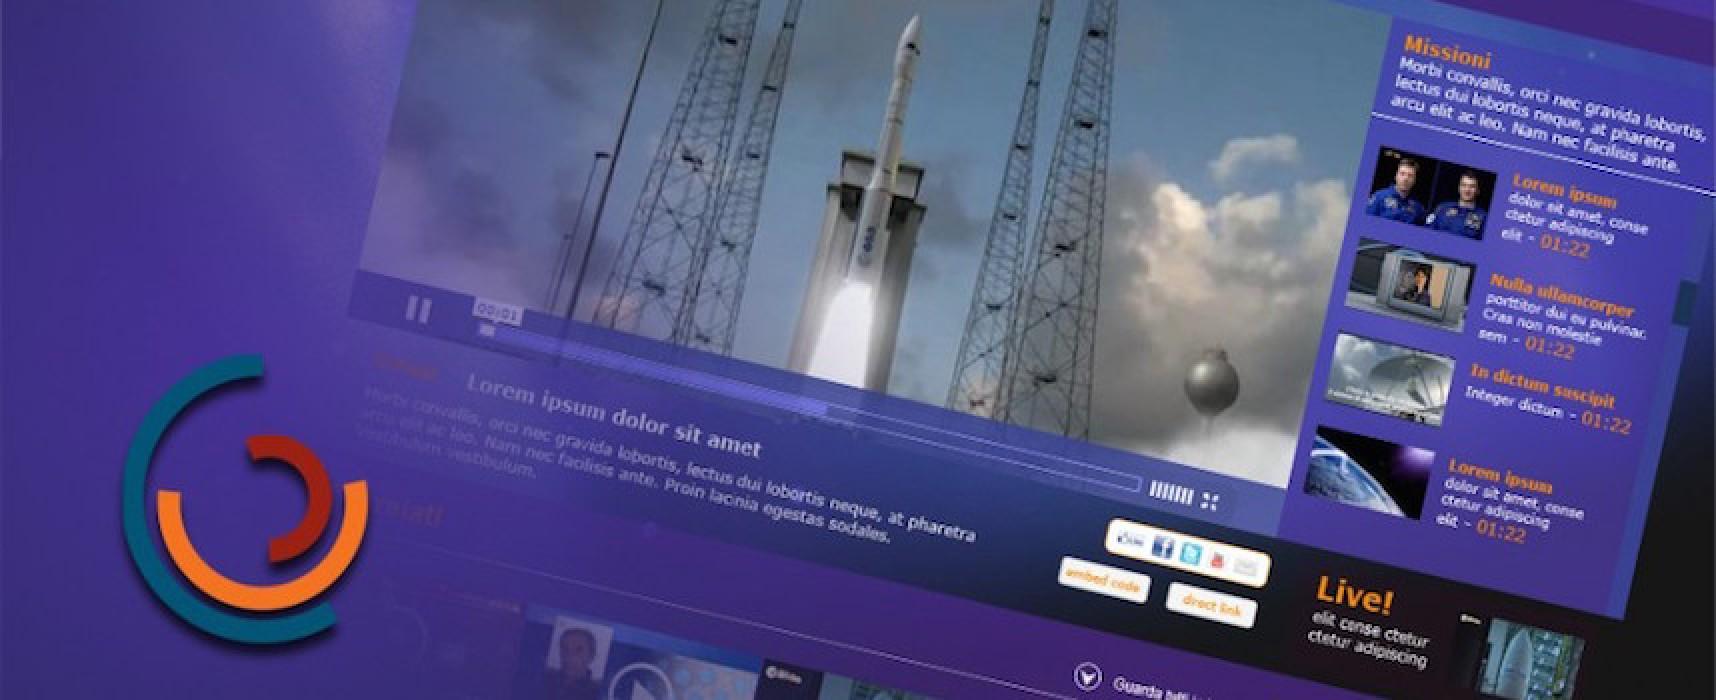 Questo pomeriggio la diretta streaming dell'intervista dei ragazzi della scuola Monterisi all'astronauta Samantha Cristoforetti